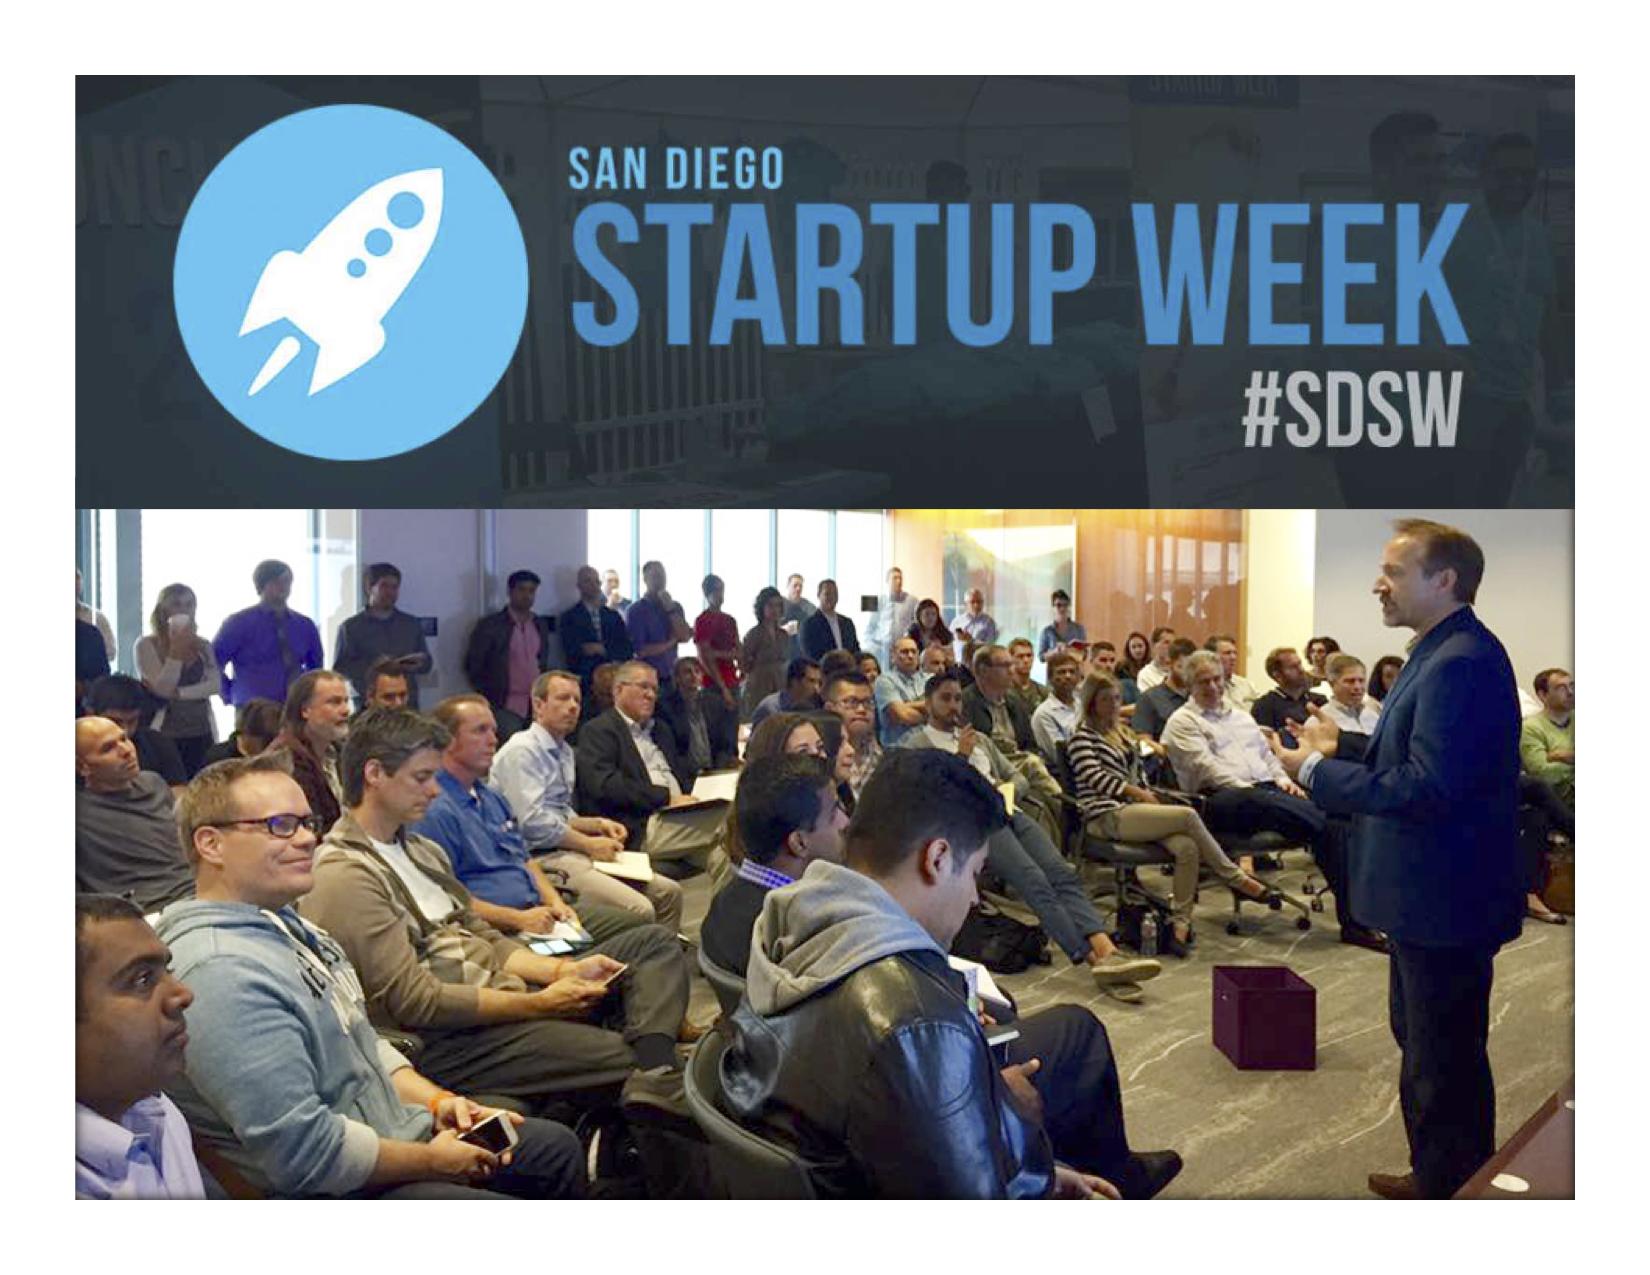 San Diego Startup Week #SDSW